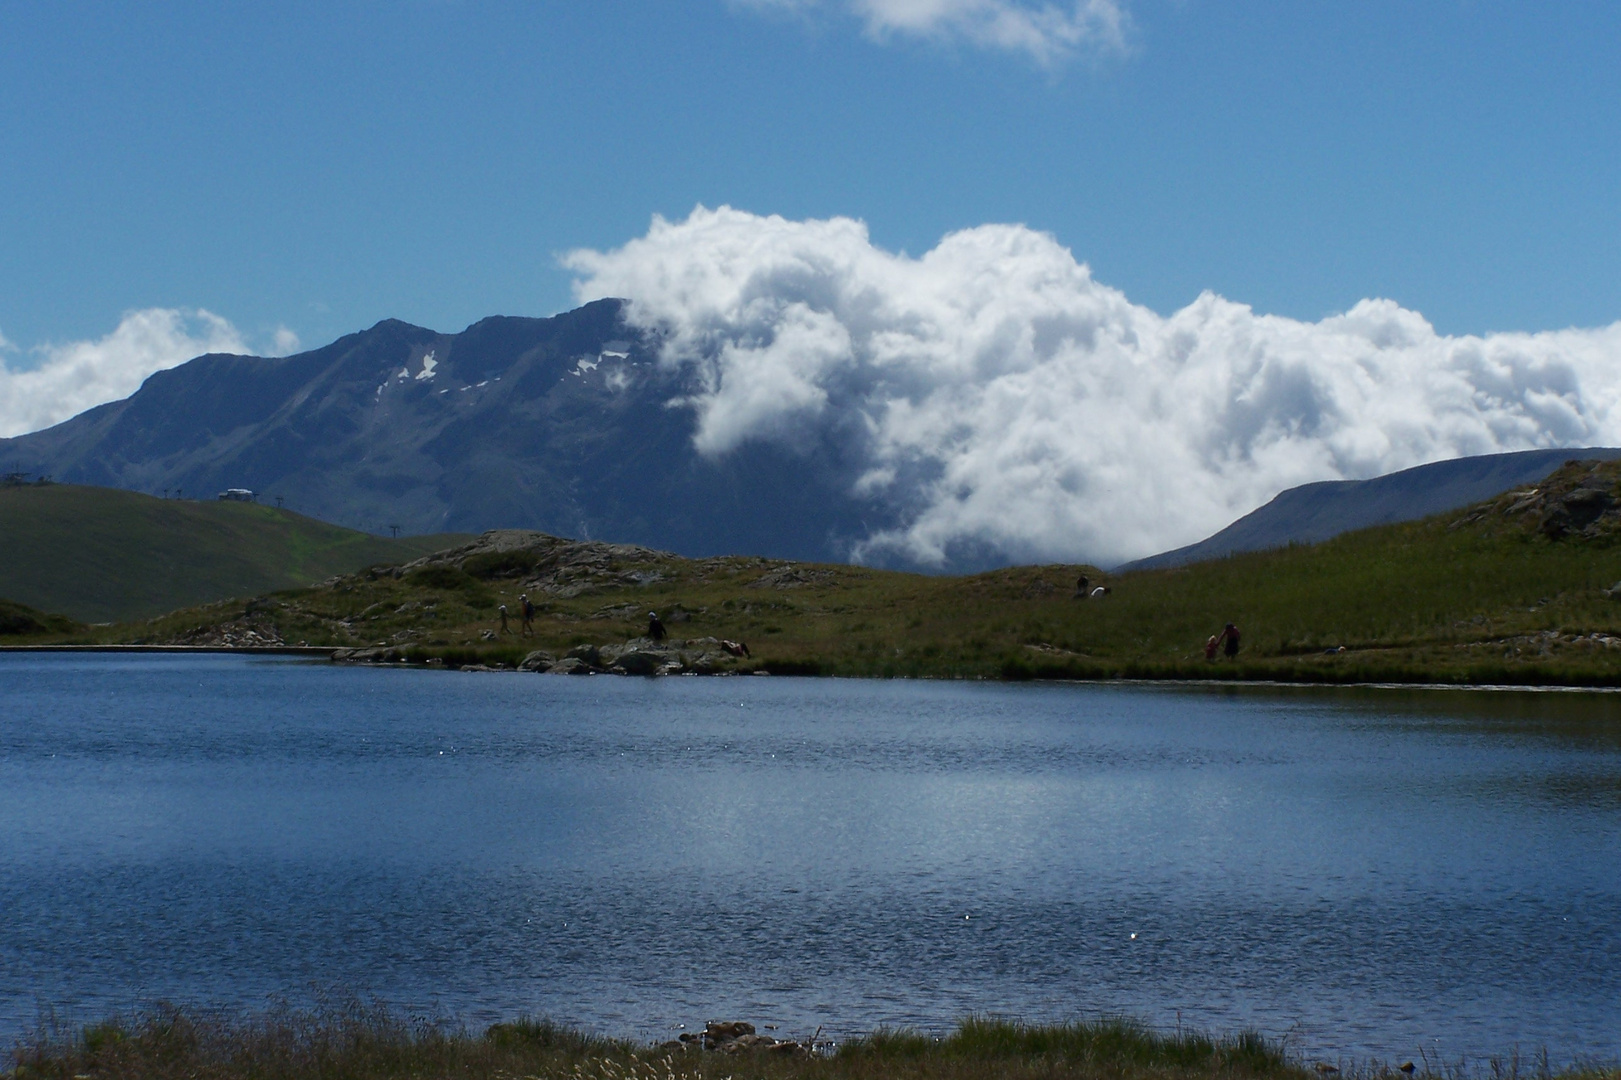 montagne encloutie par les nuage